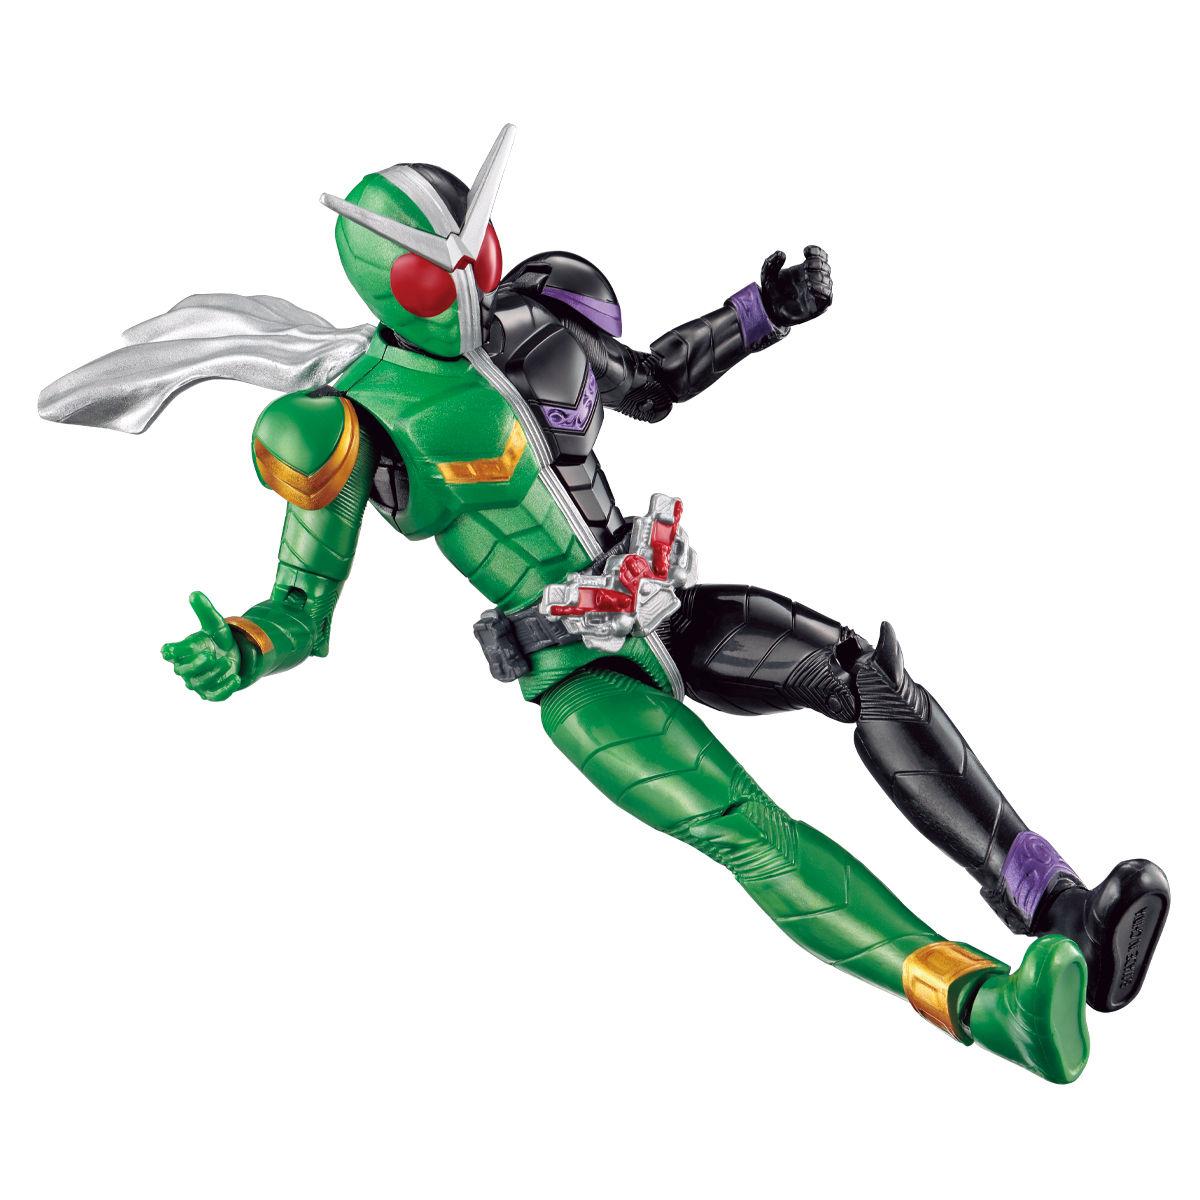 RKFレジェンドライダーシリーズ『仮面ライダーダブル サイクロンジョーカー&ハードボイルダー』可動フィギュア-006